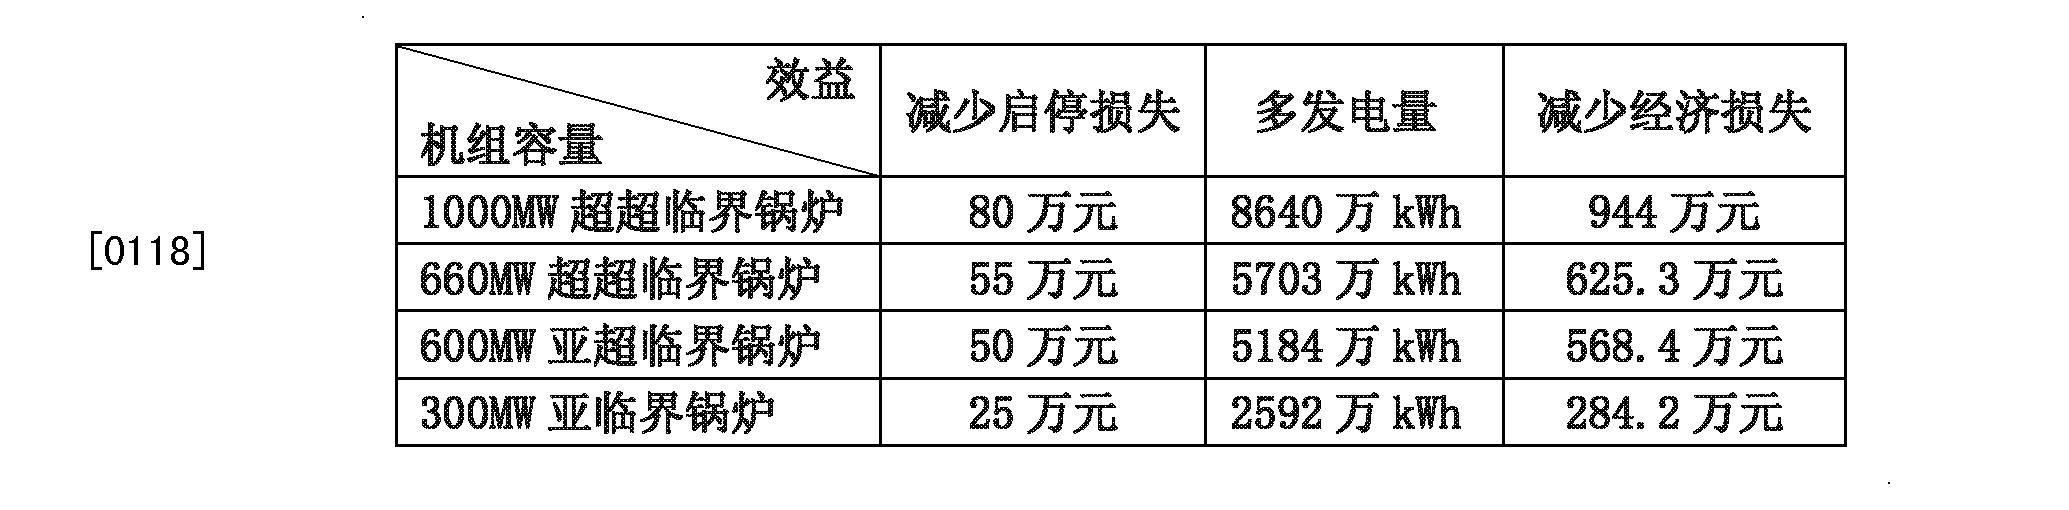 Figure CN102494325BD00141